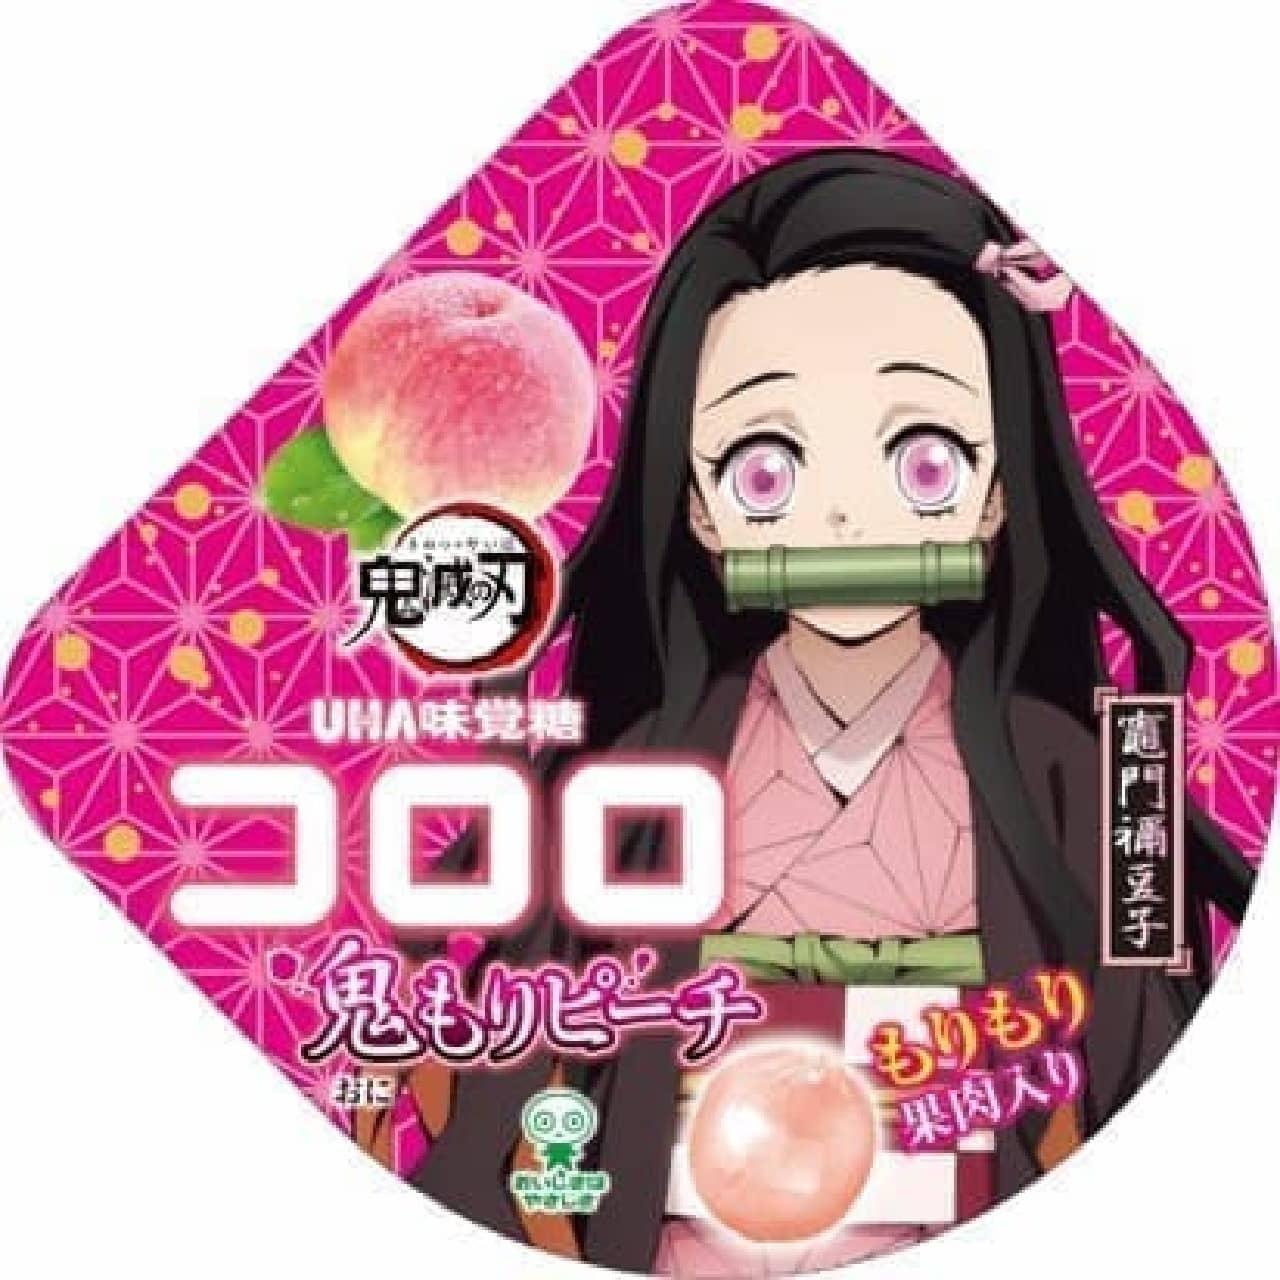 UHA味覚糖「コロロ 鬼もりピーチ味」